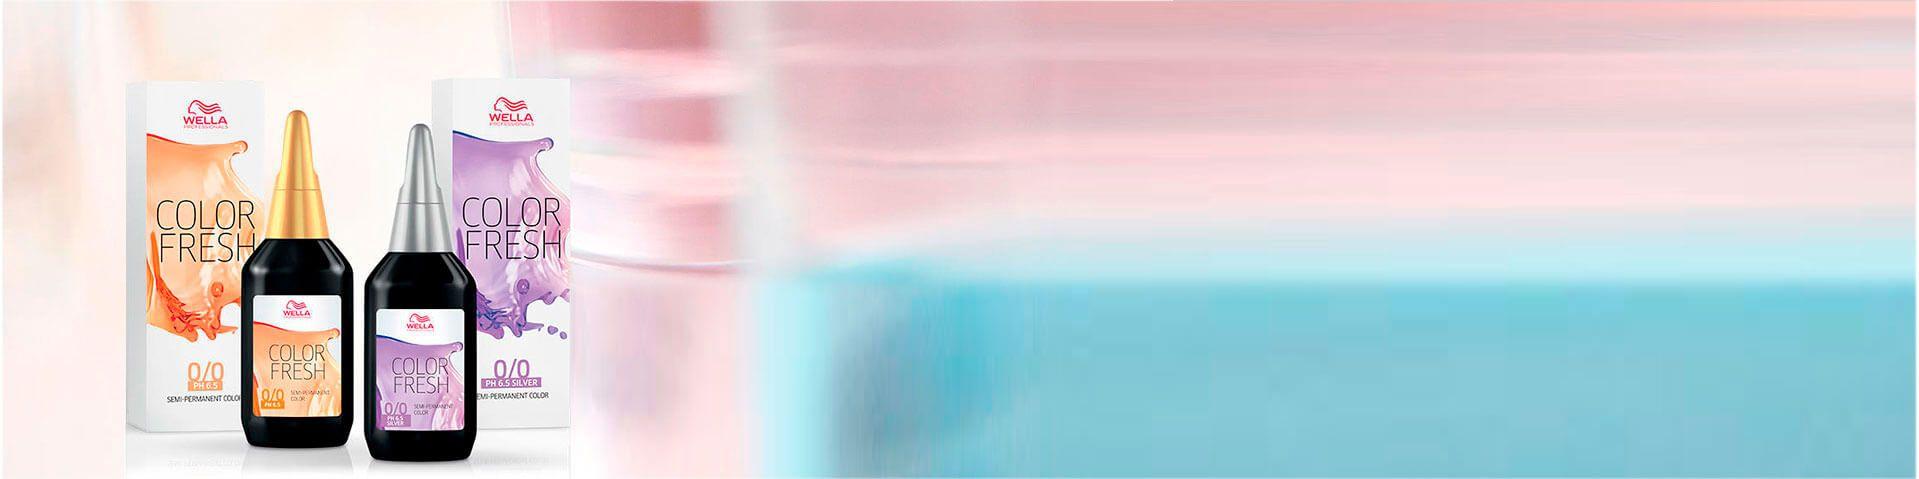 Оттеночная краска для волос Wella COLOR FRESH